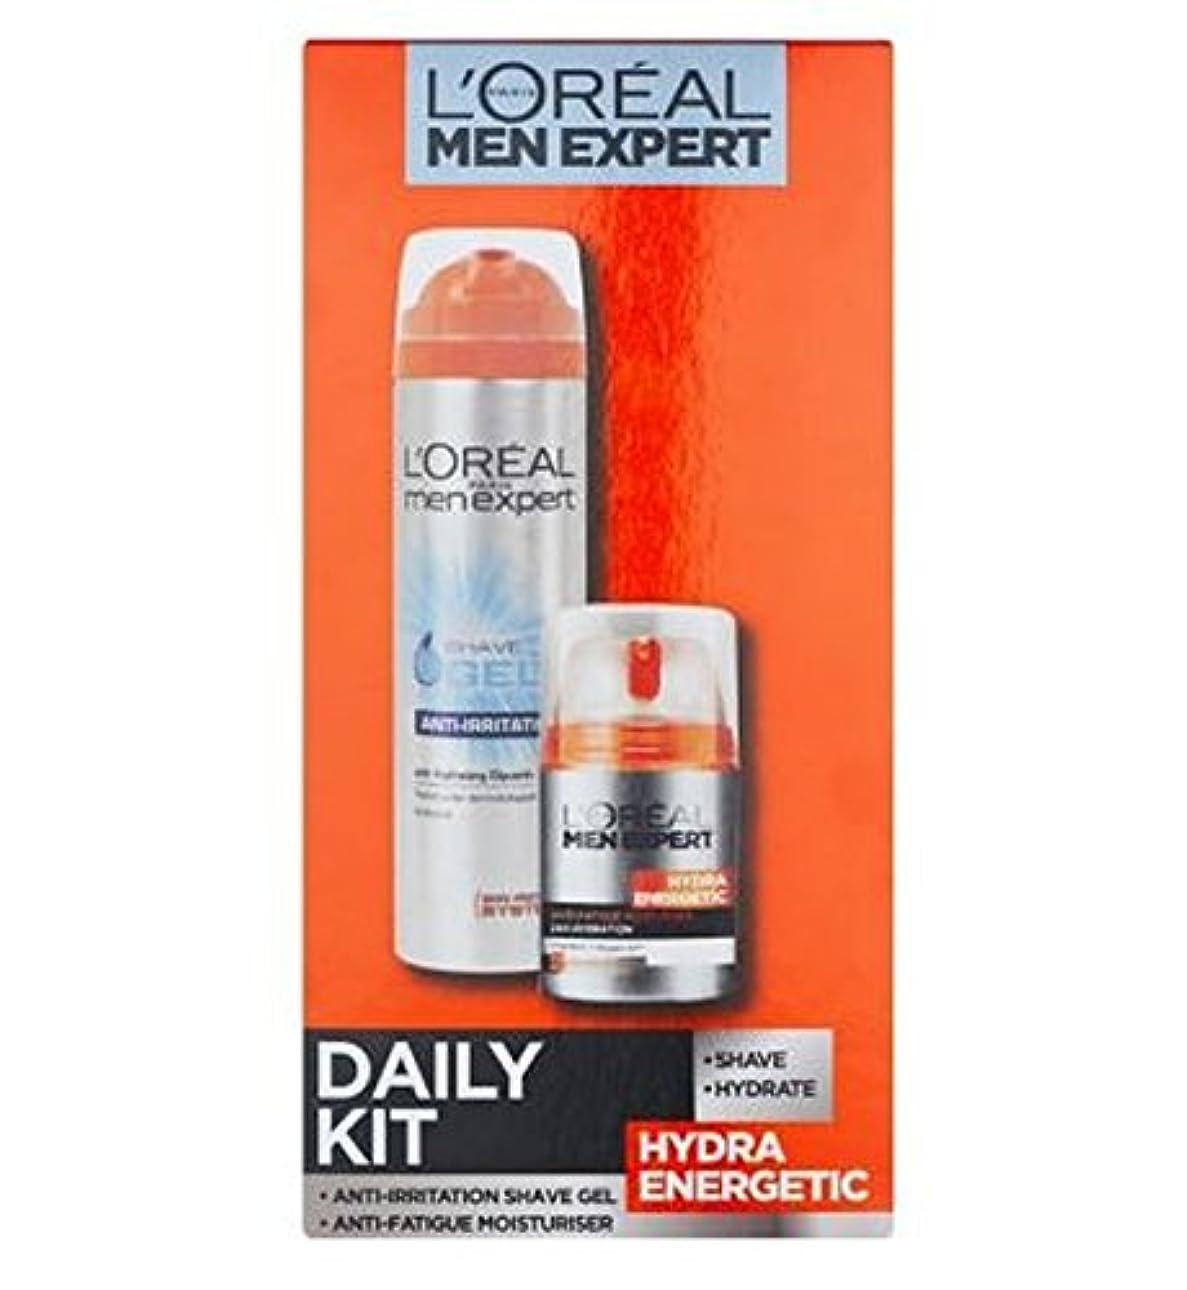 道路迅速ベーシックロレアルの男性の専門家ヒドラエネルギッシュな毎日のスキンケアキット (L'Oreal) (x2) - L'Oreal Men Expert Hydra Energetic Daily Skincare Kit (Pack...